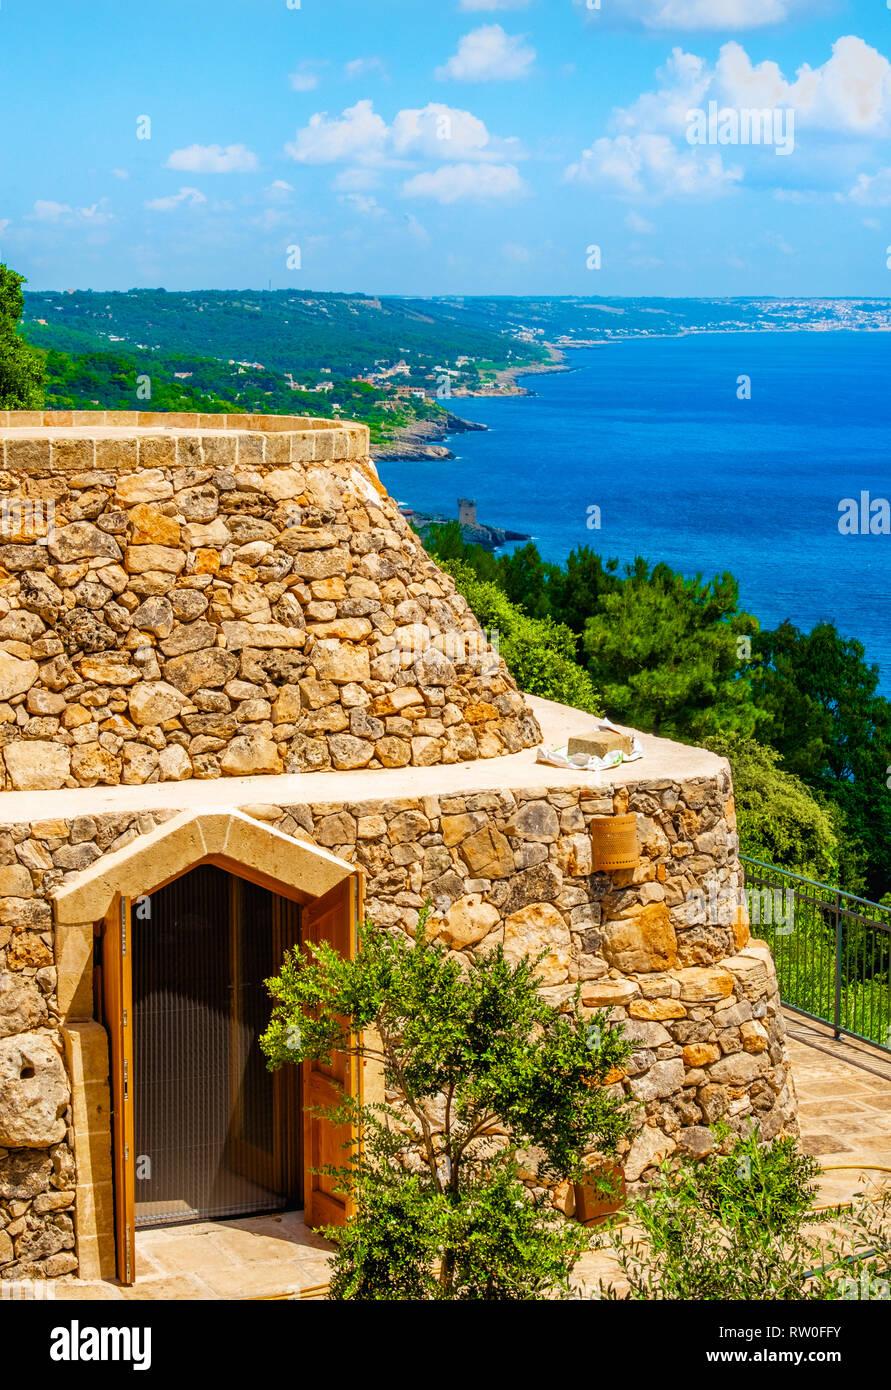 Trullo en Salento costa adriática de Apulia, Sur de Italia - rural típica construcción de piedra seca Imagen De Stock